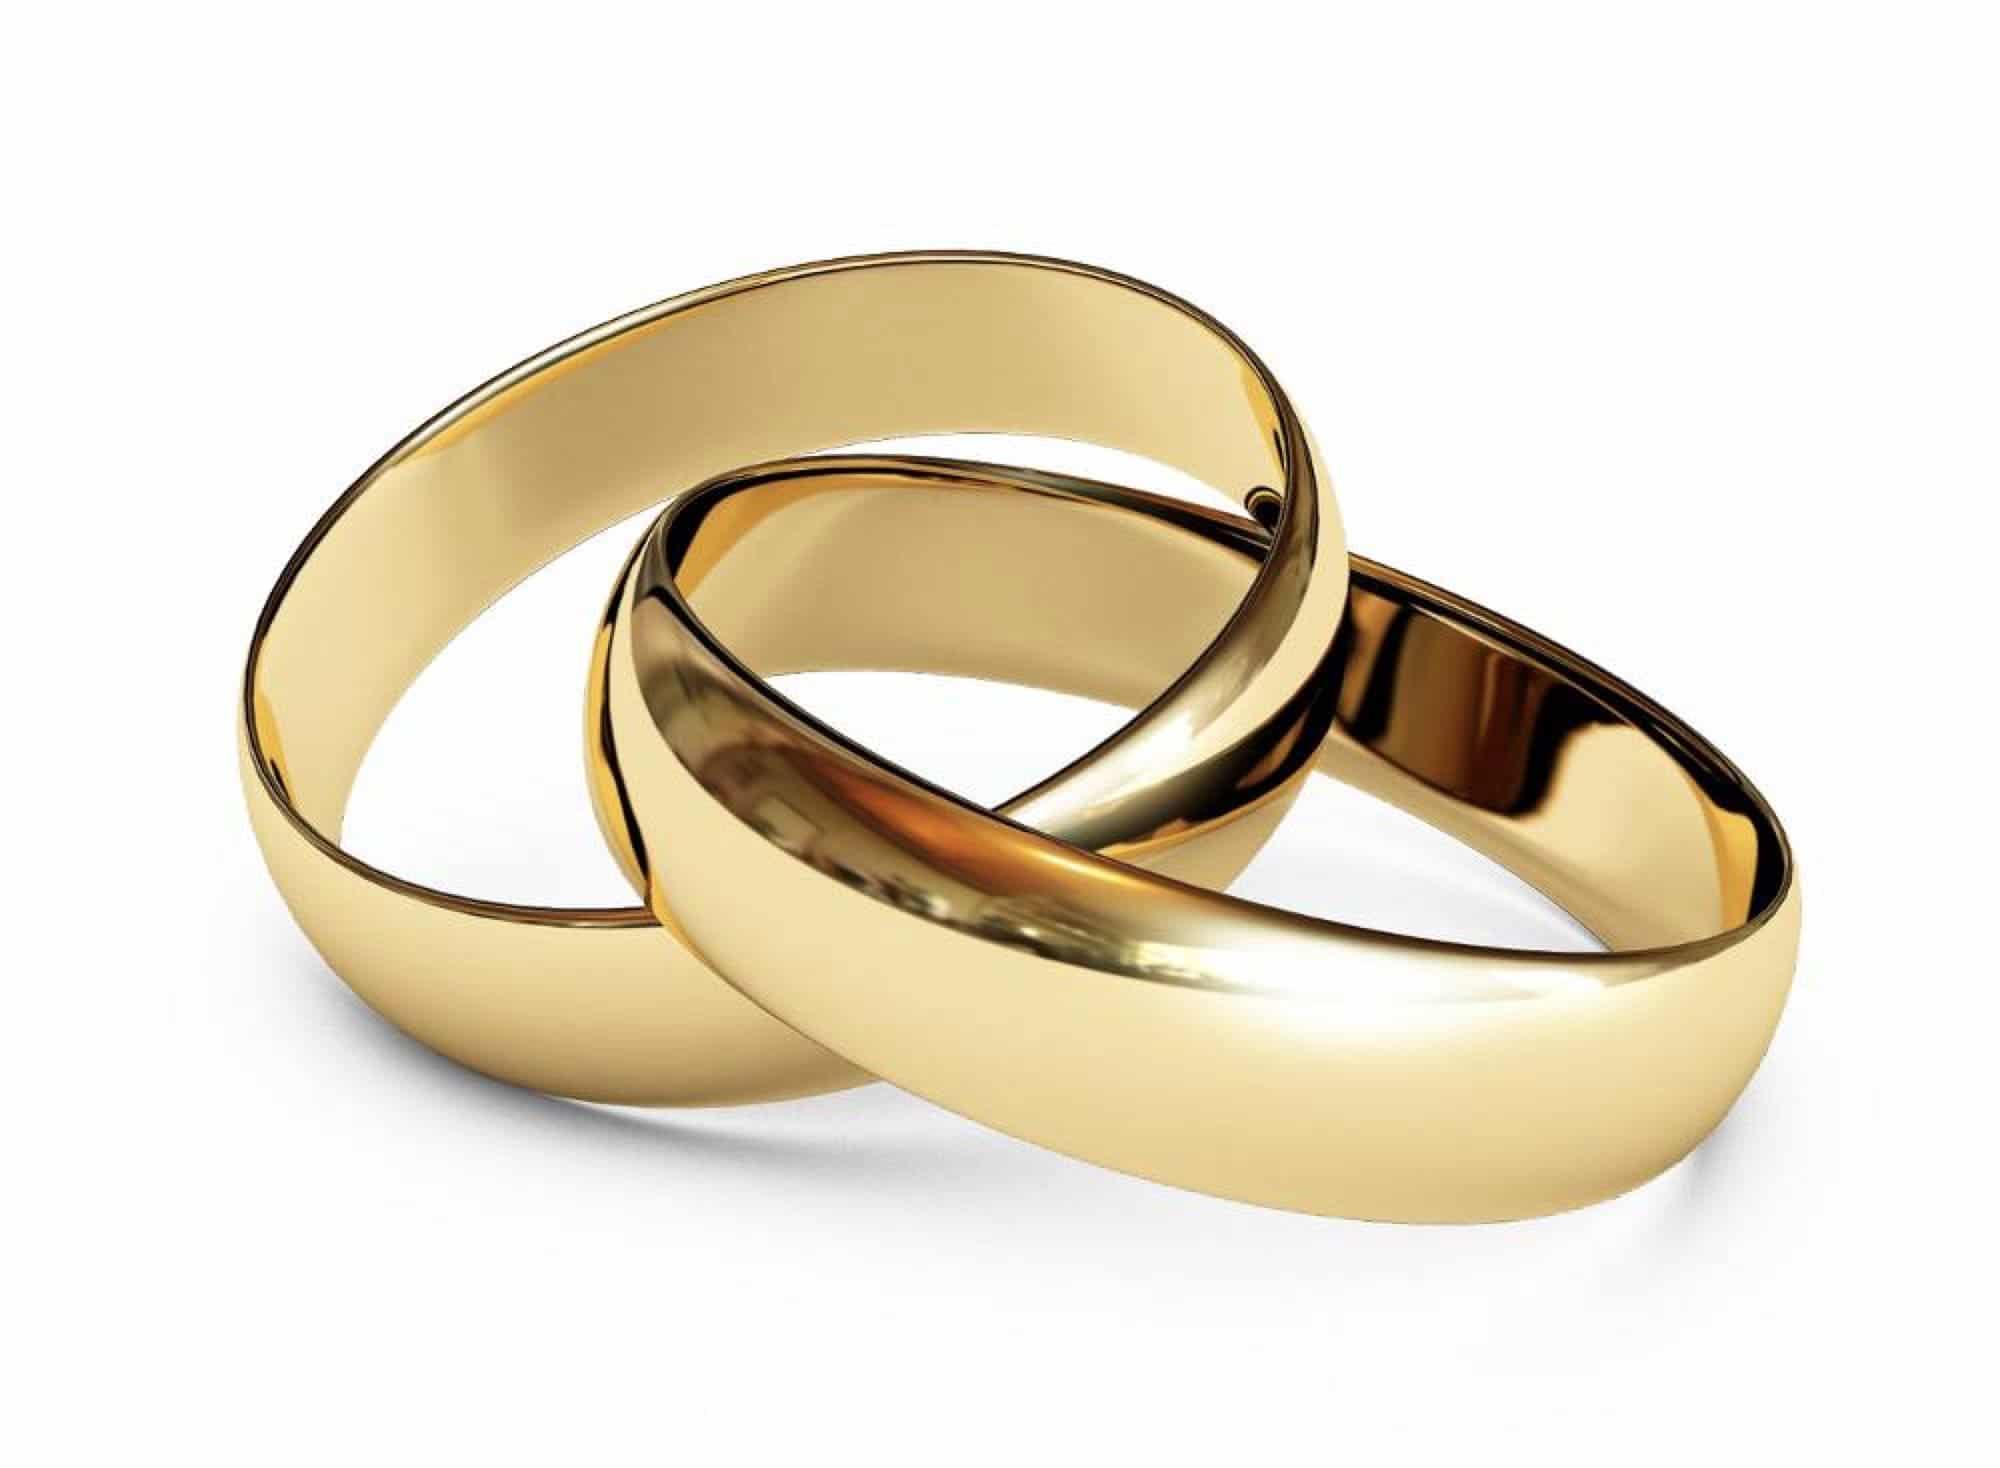 ... pour choisir ses alliances de mariage – Blogueuse mode & lifestyle